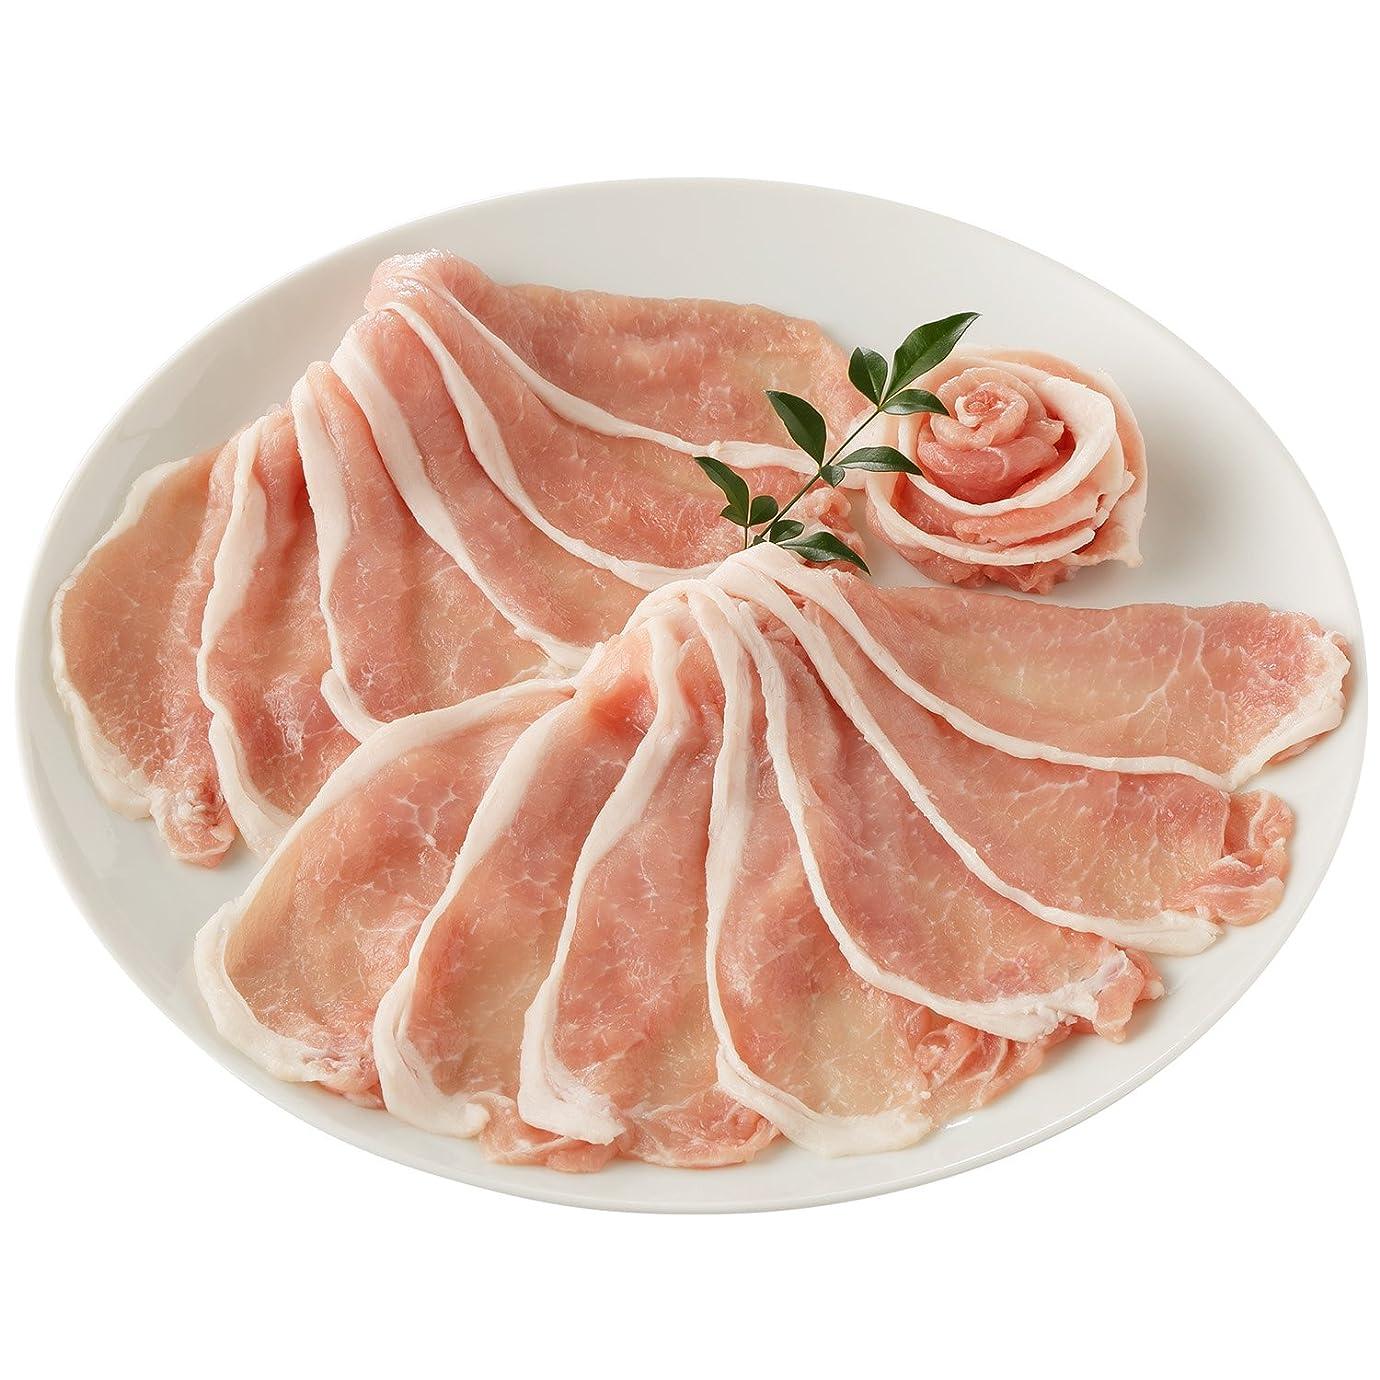 退屈試験干渉するイベリコ豚専門店スエヒロ家 イベリコ豚 幻の 大トロ カルビ 焼肉 400g